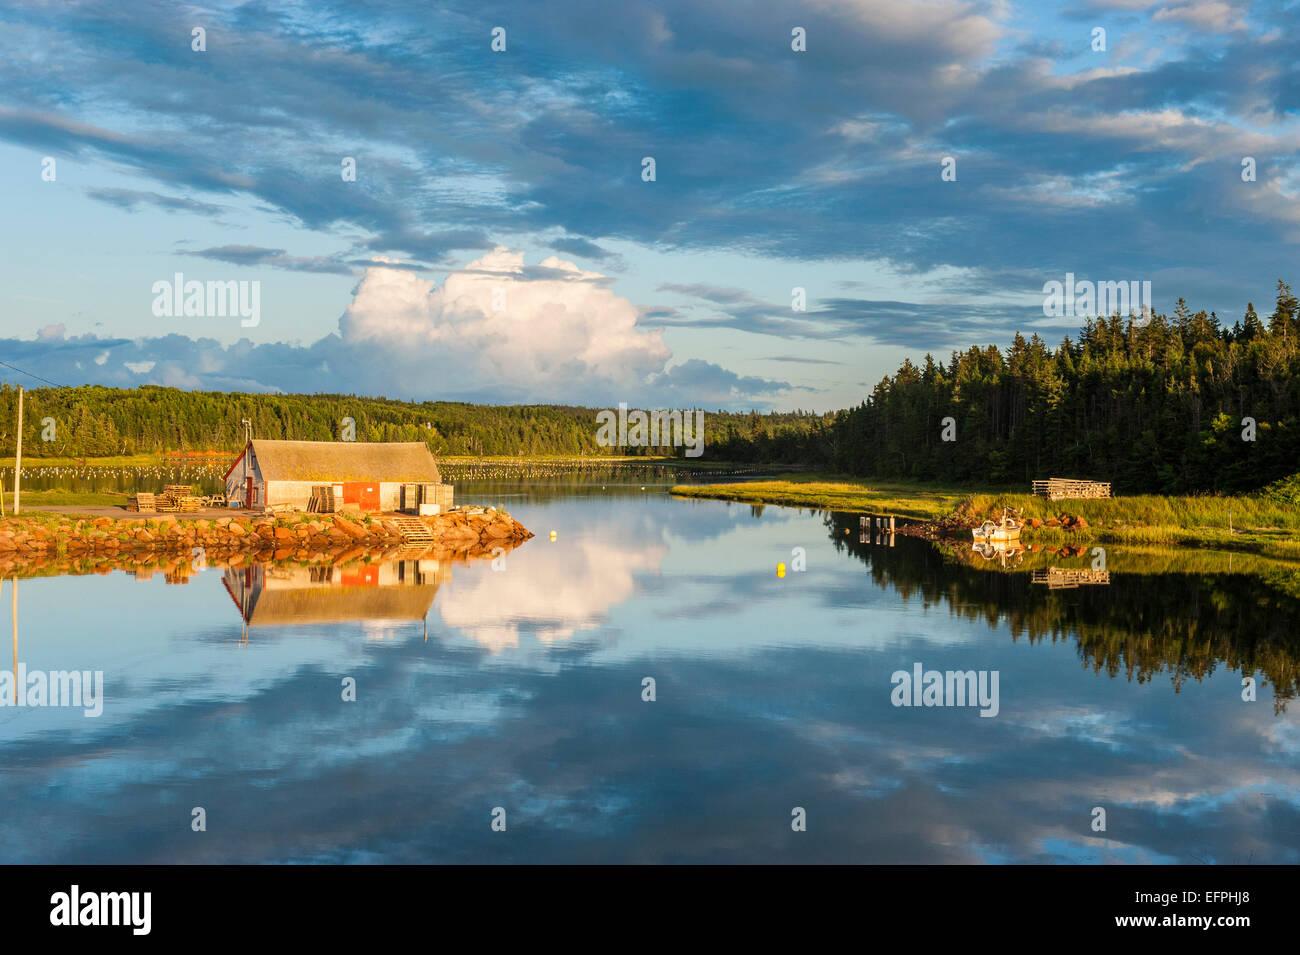 Piccolo capanno sul lago al tramonto sulla sponda nord del Prince Edward Island, Canada, America del Nord Immagini Stock